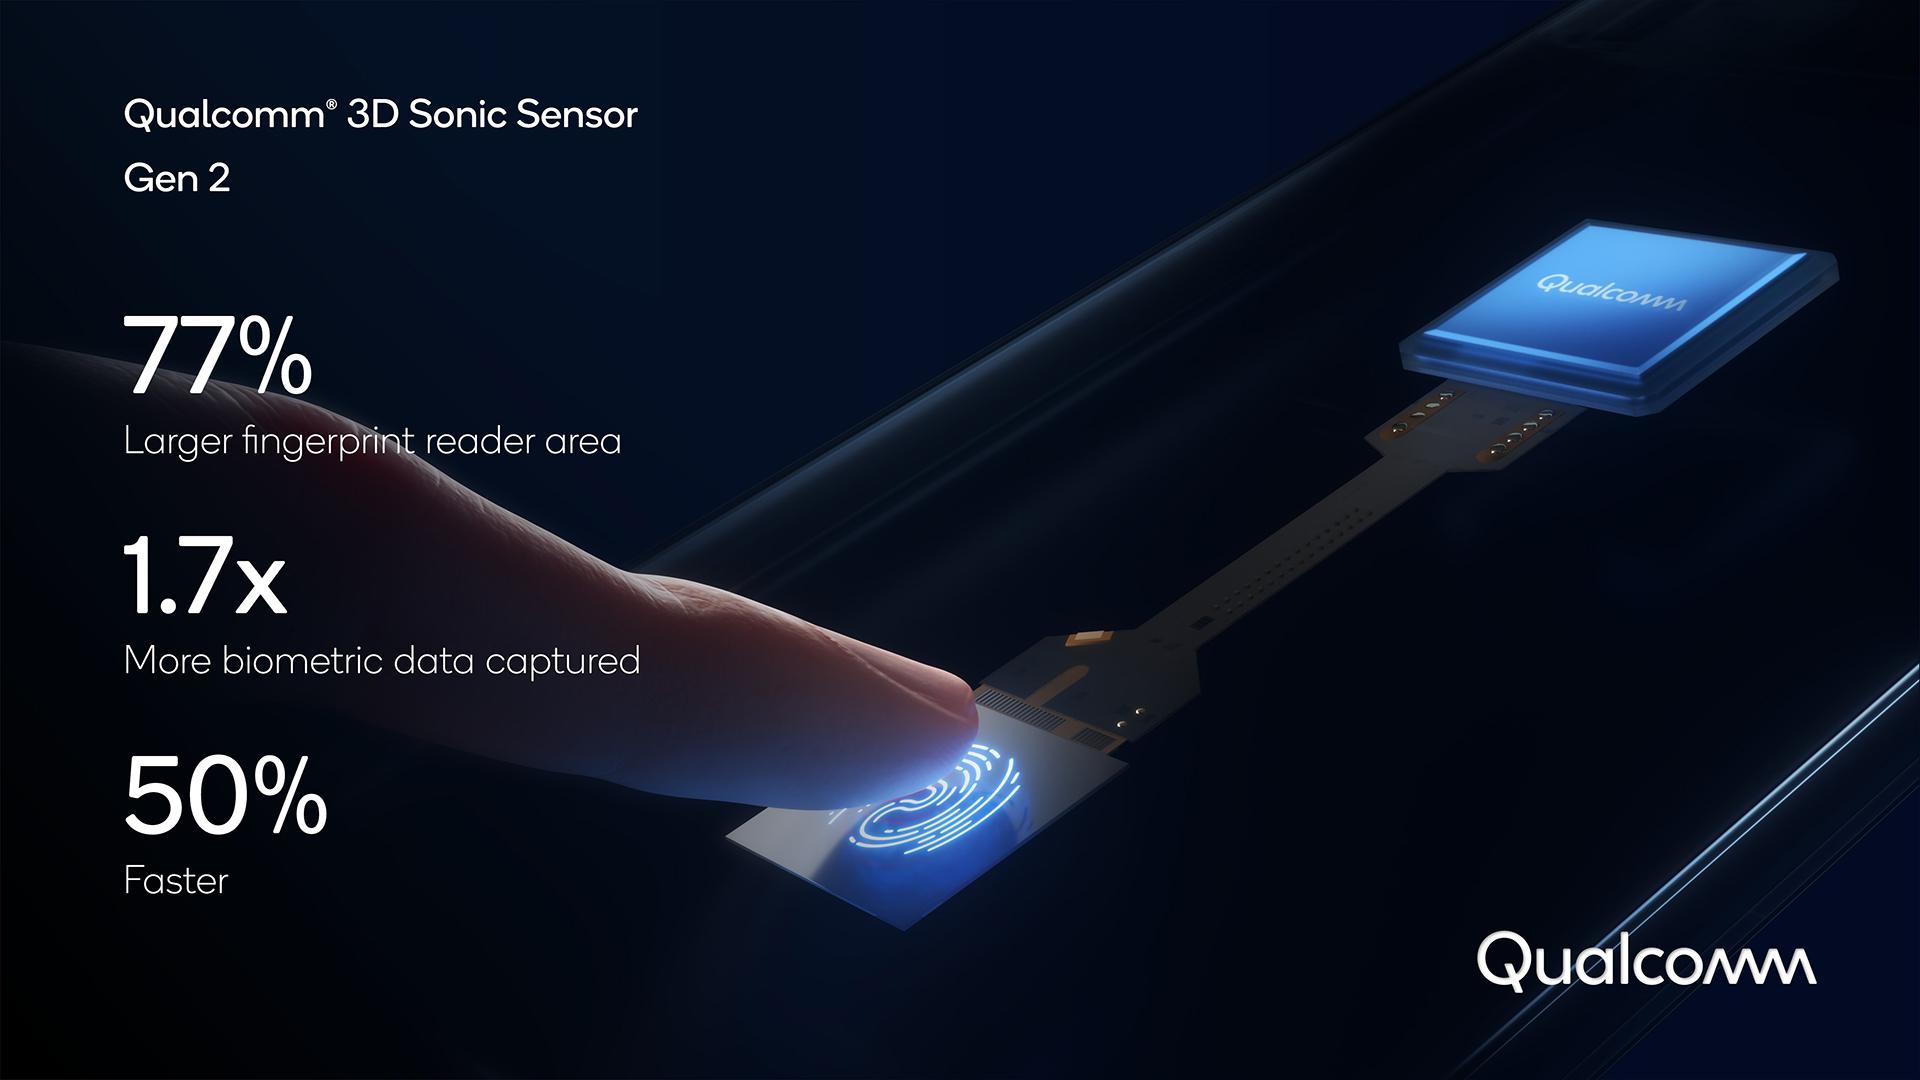 qualcomm 3d sonic sensor gen 2 ultrasonic fingerprint reader